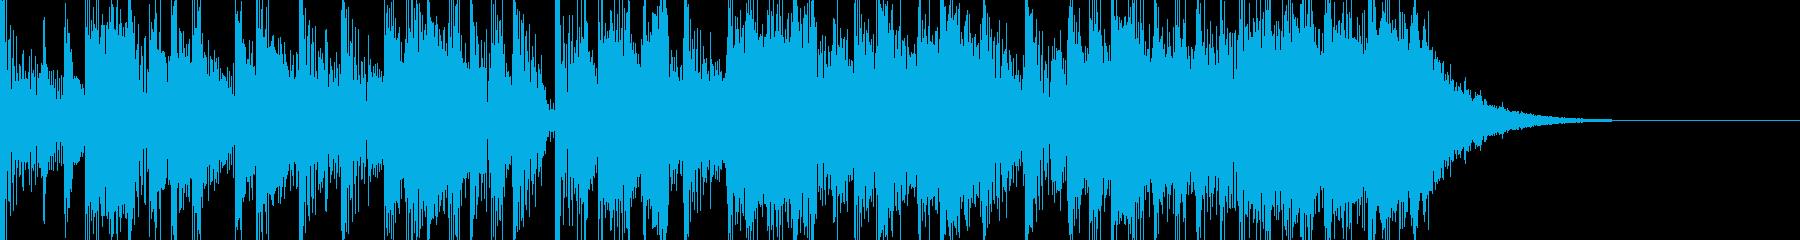 クールでファンキーなエレキロックジングルの再生済みの波形